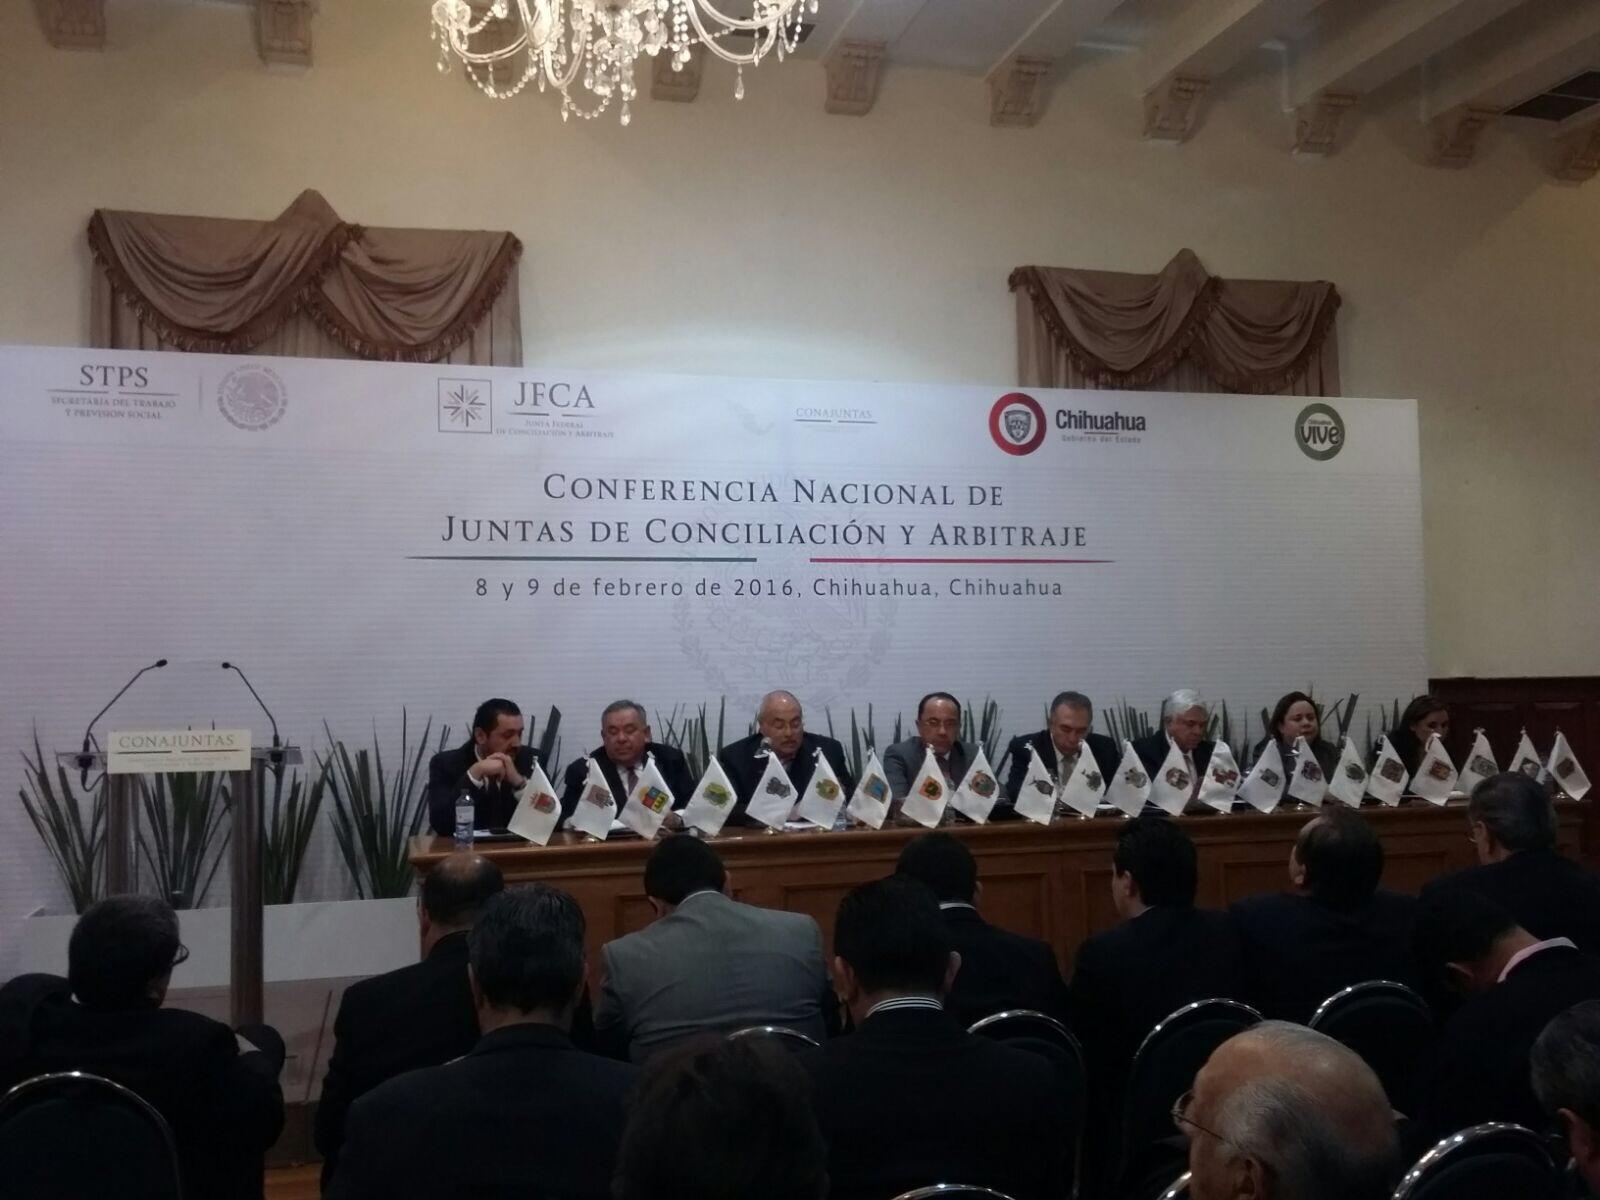 Inicio conferencia nacional juntas de conciliacion 7jpg